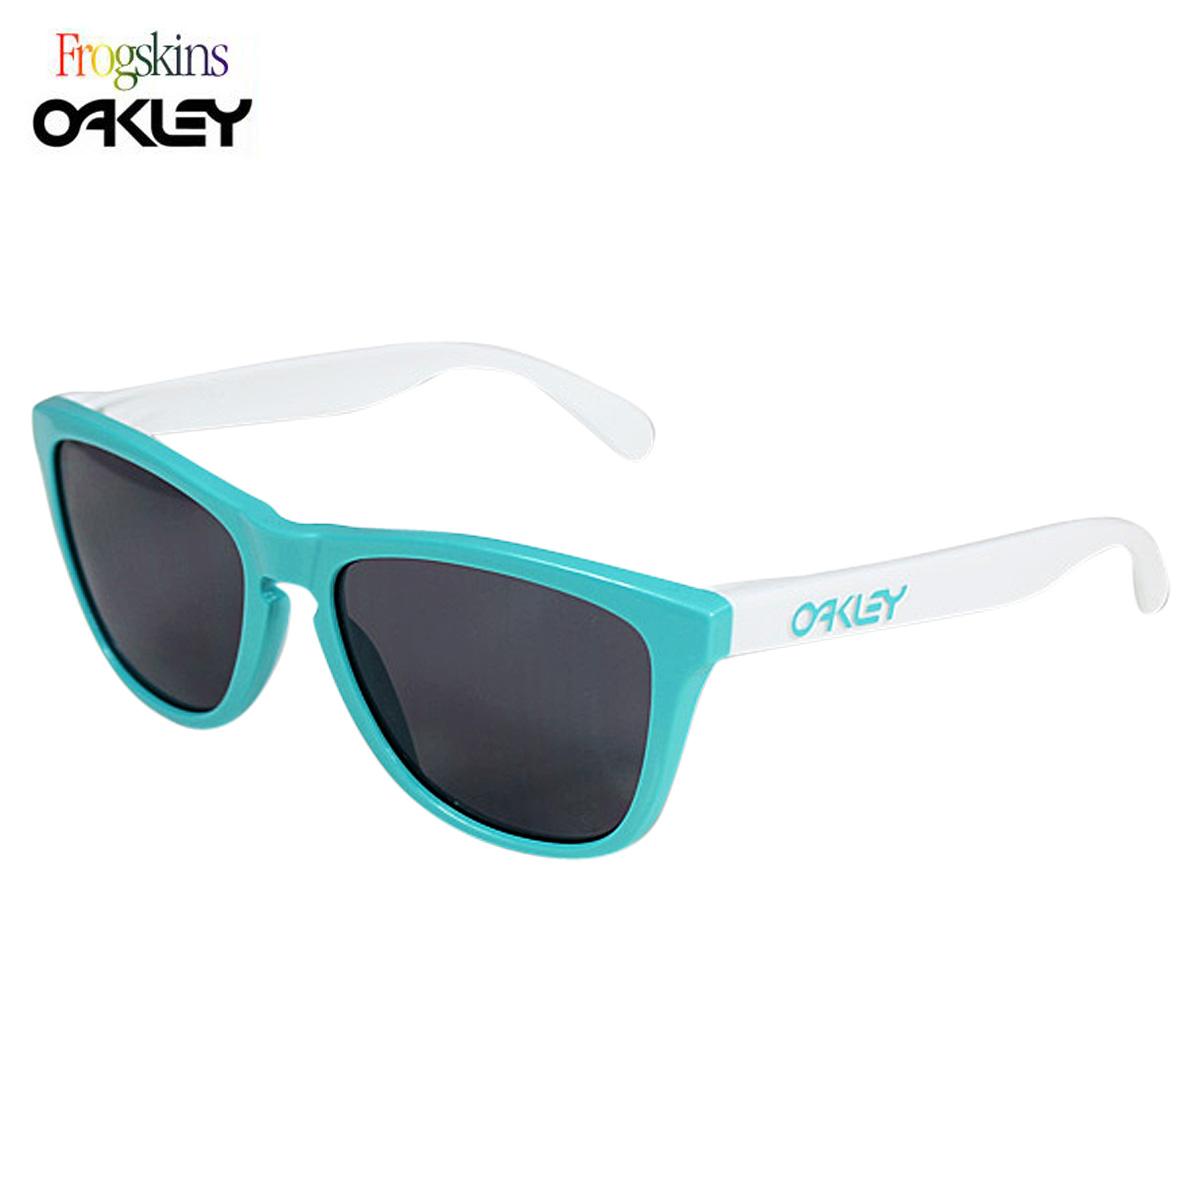 Oakley オークリーサングラス Special Edition Heritage Frogskins ヘリテイジ フロッグスキン メガネ 24-417 シーフォーム グレー メンズ レディース